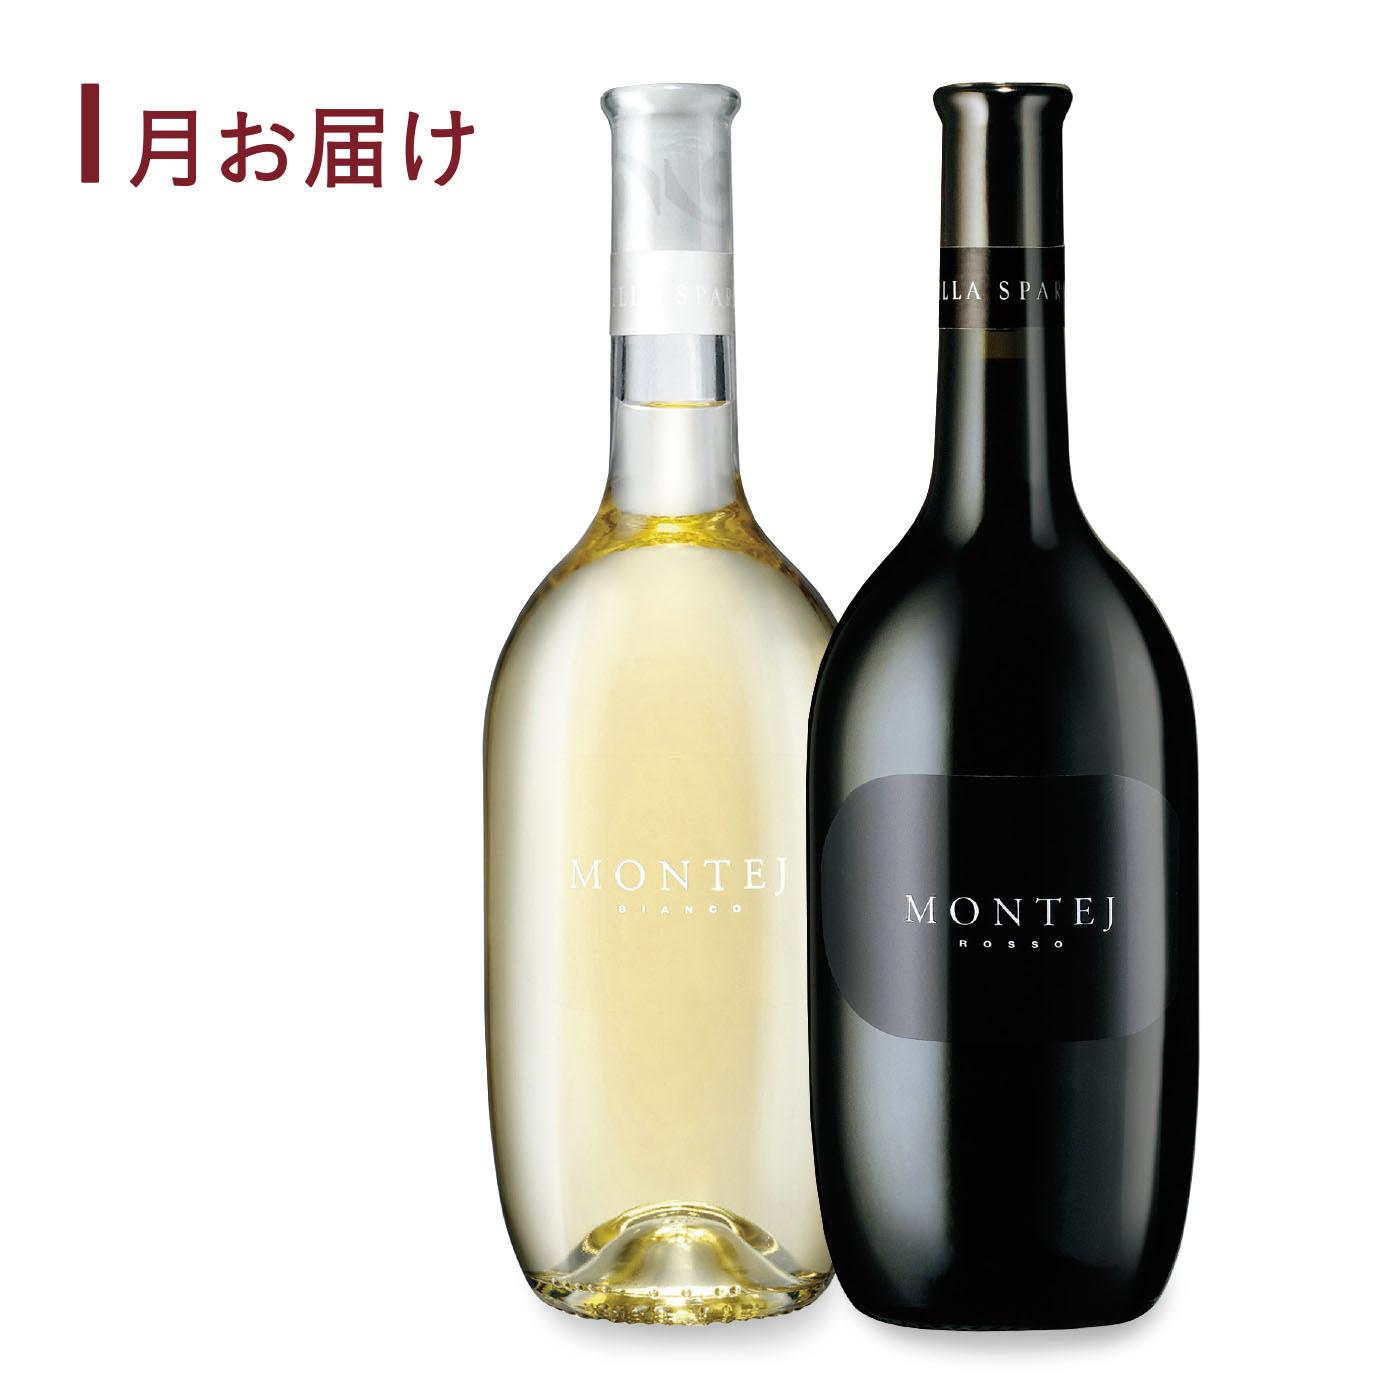 味を凝縮するために先端を切り落とした葡萄を模したボトルがこだわり。18世紀に建てられた美しい屋敷で作られ、高い評価を得ているおいしいワインです。 ●ヴィッラ スパリーナ モンテイ ビアンコ、モンテイ ロッソ